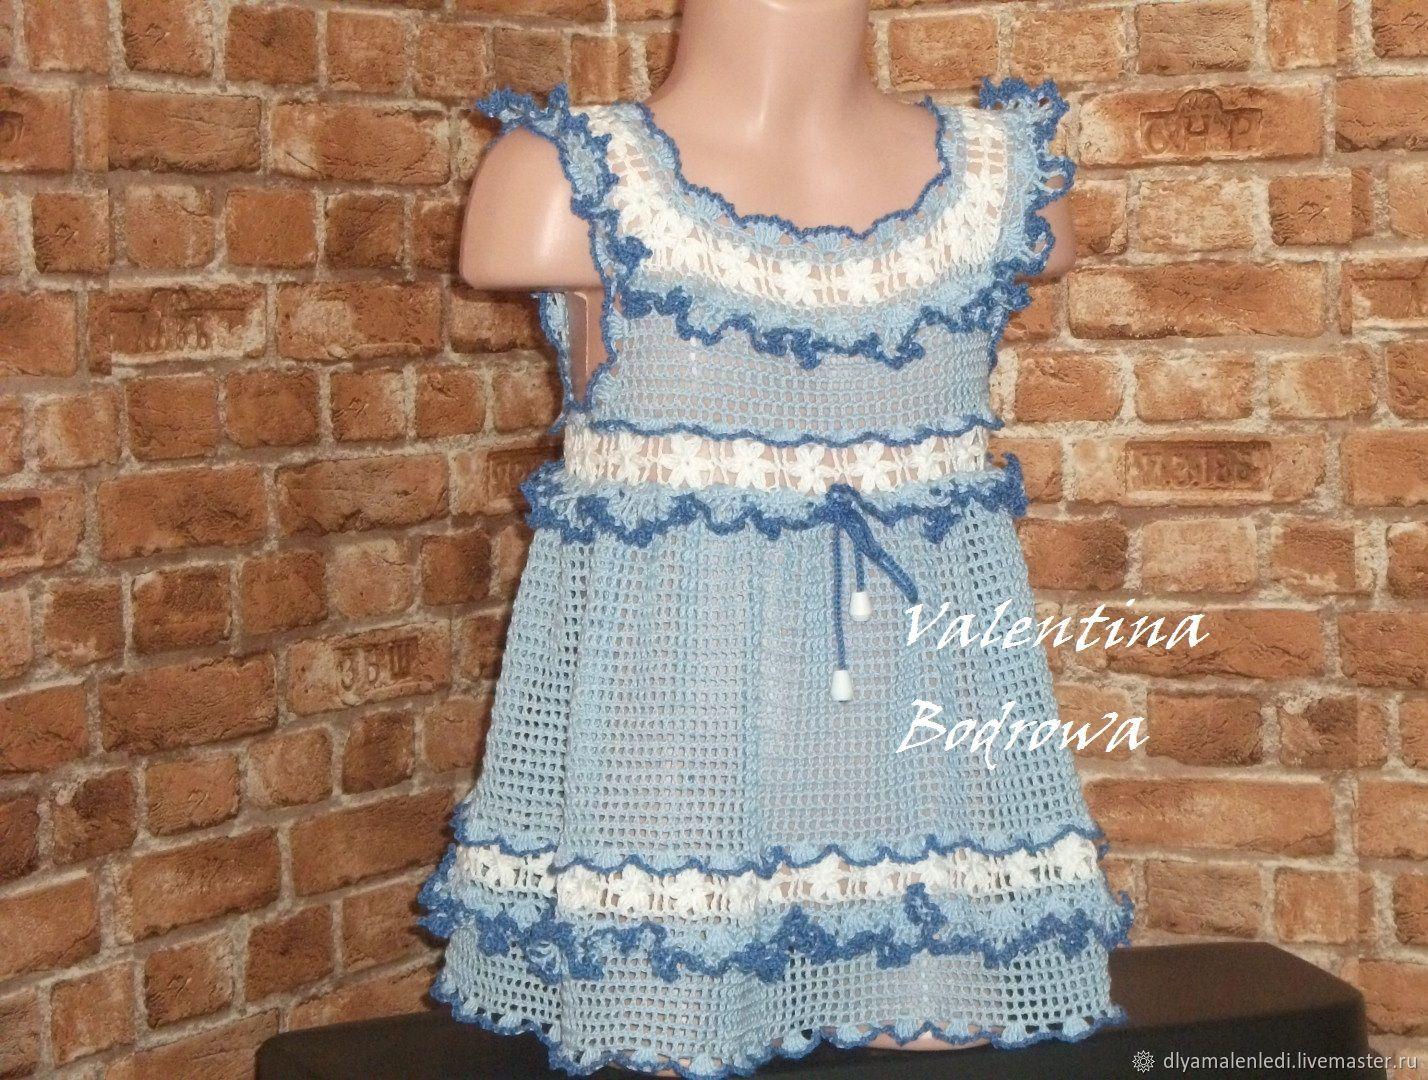 Ropa para chicas manualidades. Livemaster - hecho a mano. Comprar Vestido de vyazannoe de ganchillo para niñas. Handmade